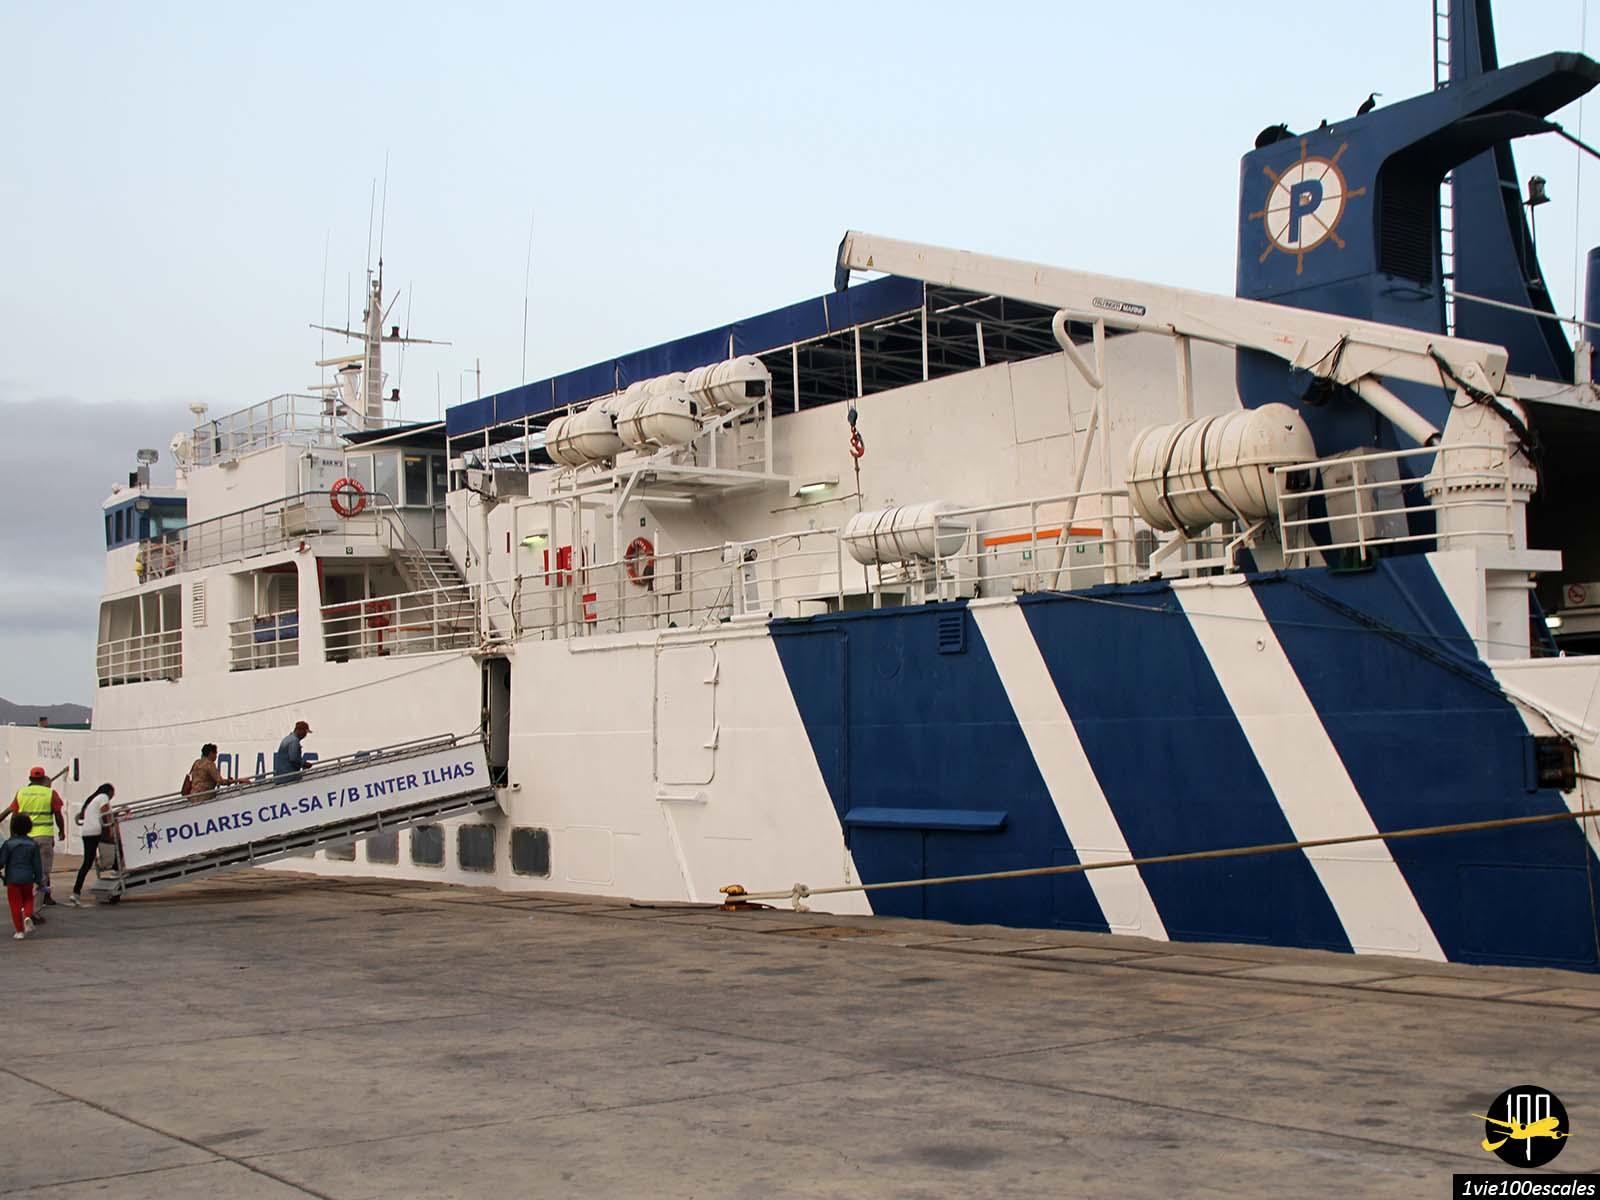 Le Polaris ferry de la compagnie Interilhas pour rejoindre l'île de Santo Antao